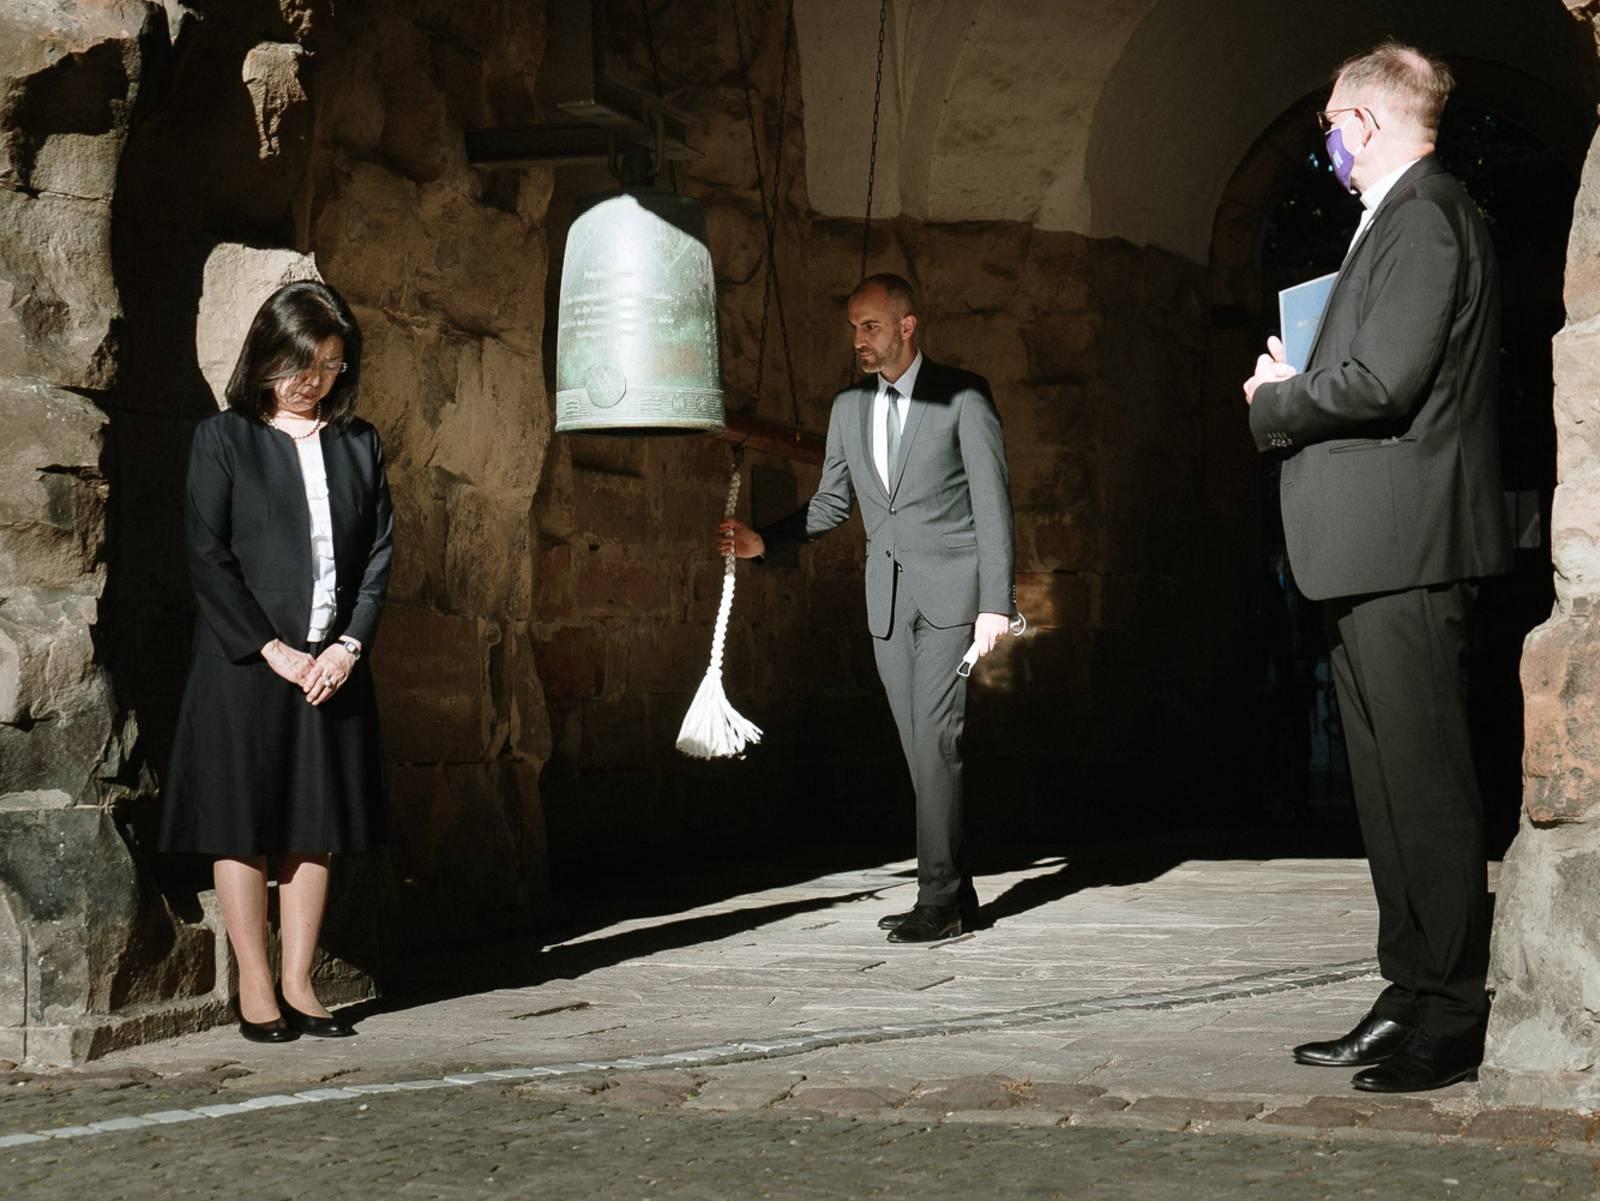 Oberbürgermeister Onay schlägt die Friedensglocke in der Aegidienkirche an.